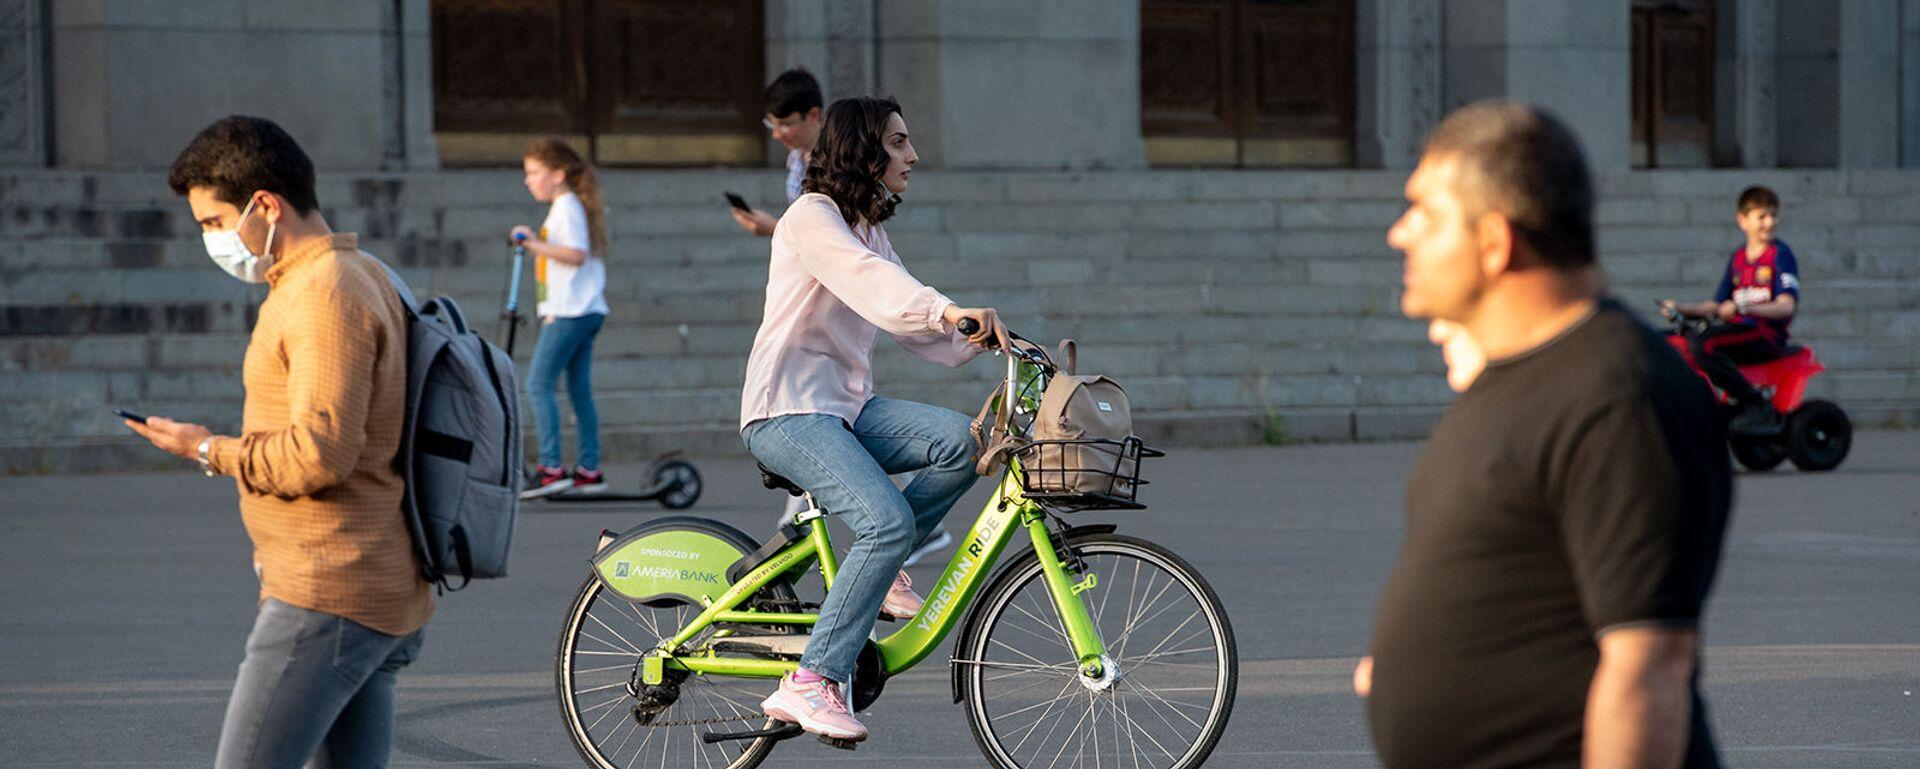 Девушка катается на велосипеде Yerevan Ride - Sputnik Արմենիա, 1920, 13.05.2021